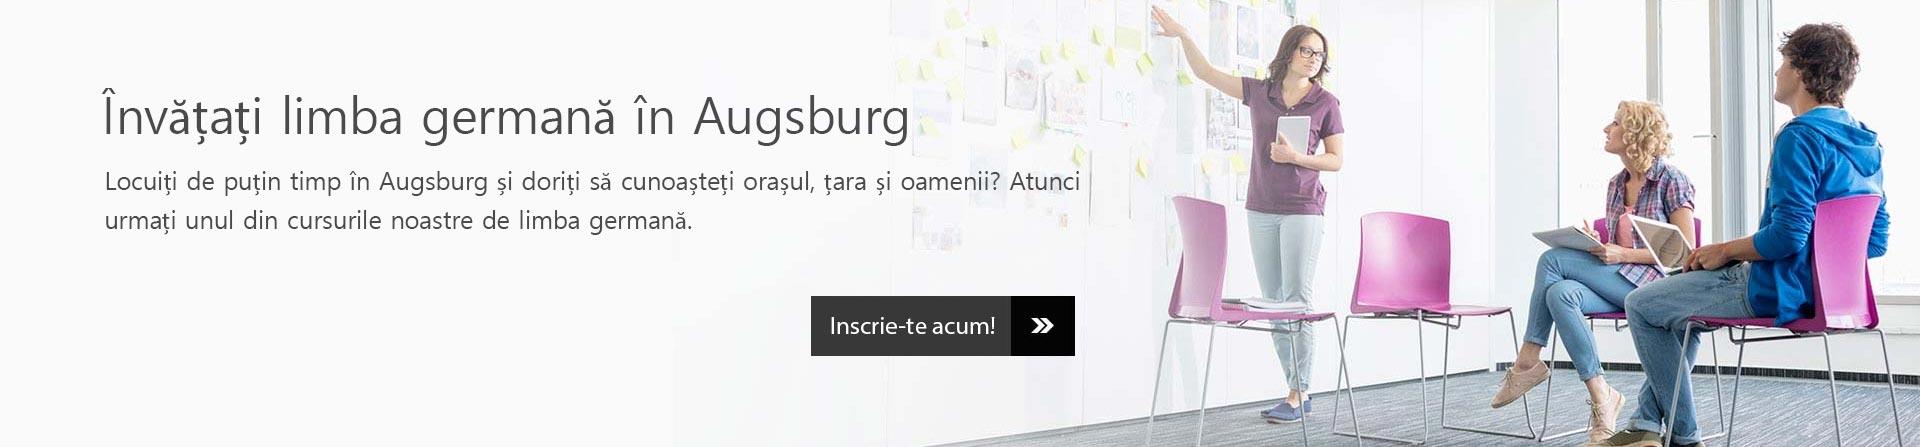 Învățați limba germană în Augsburg